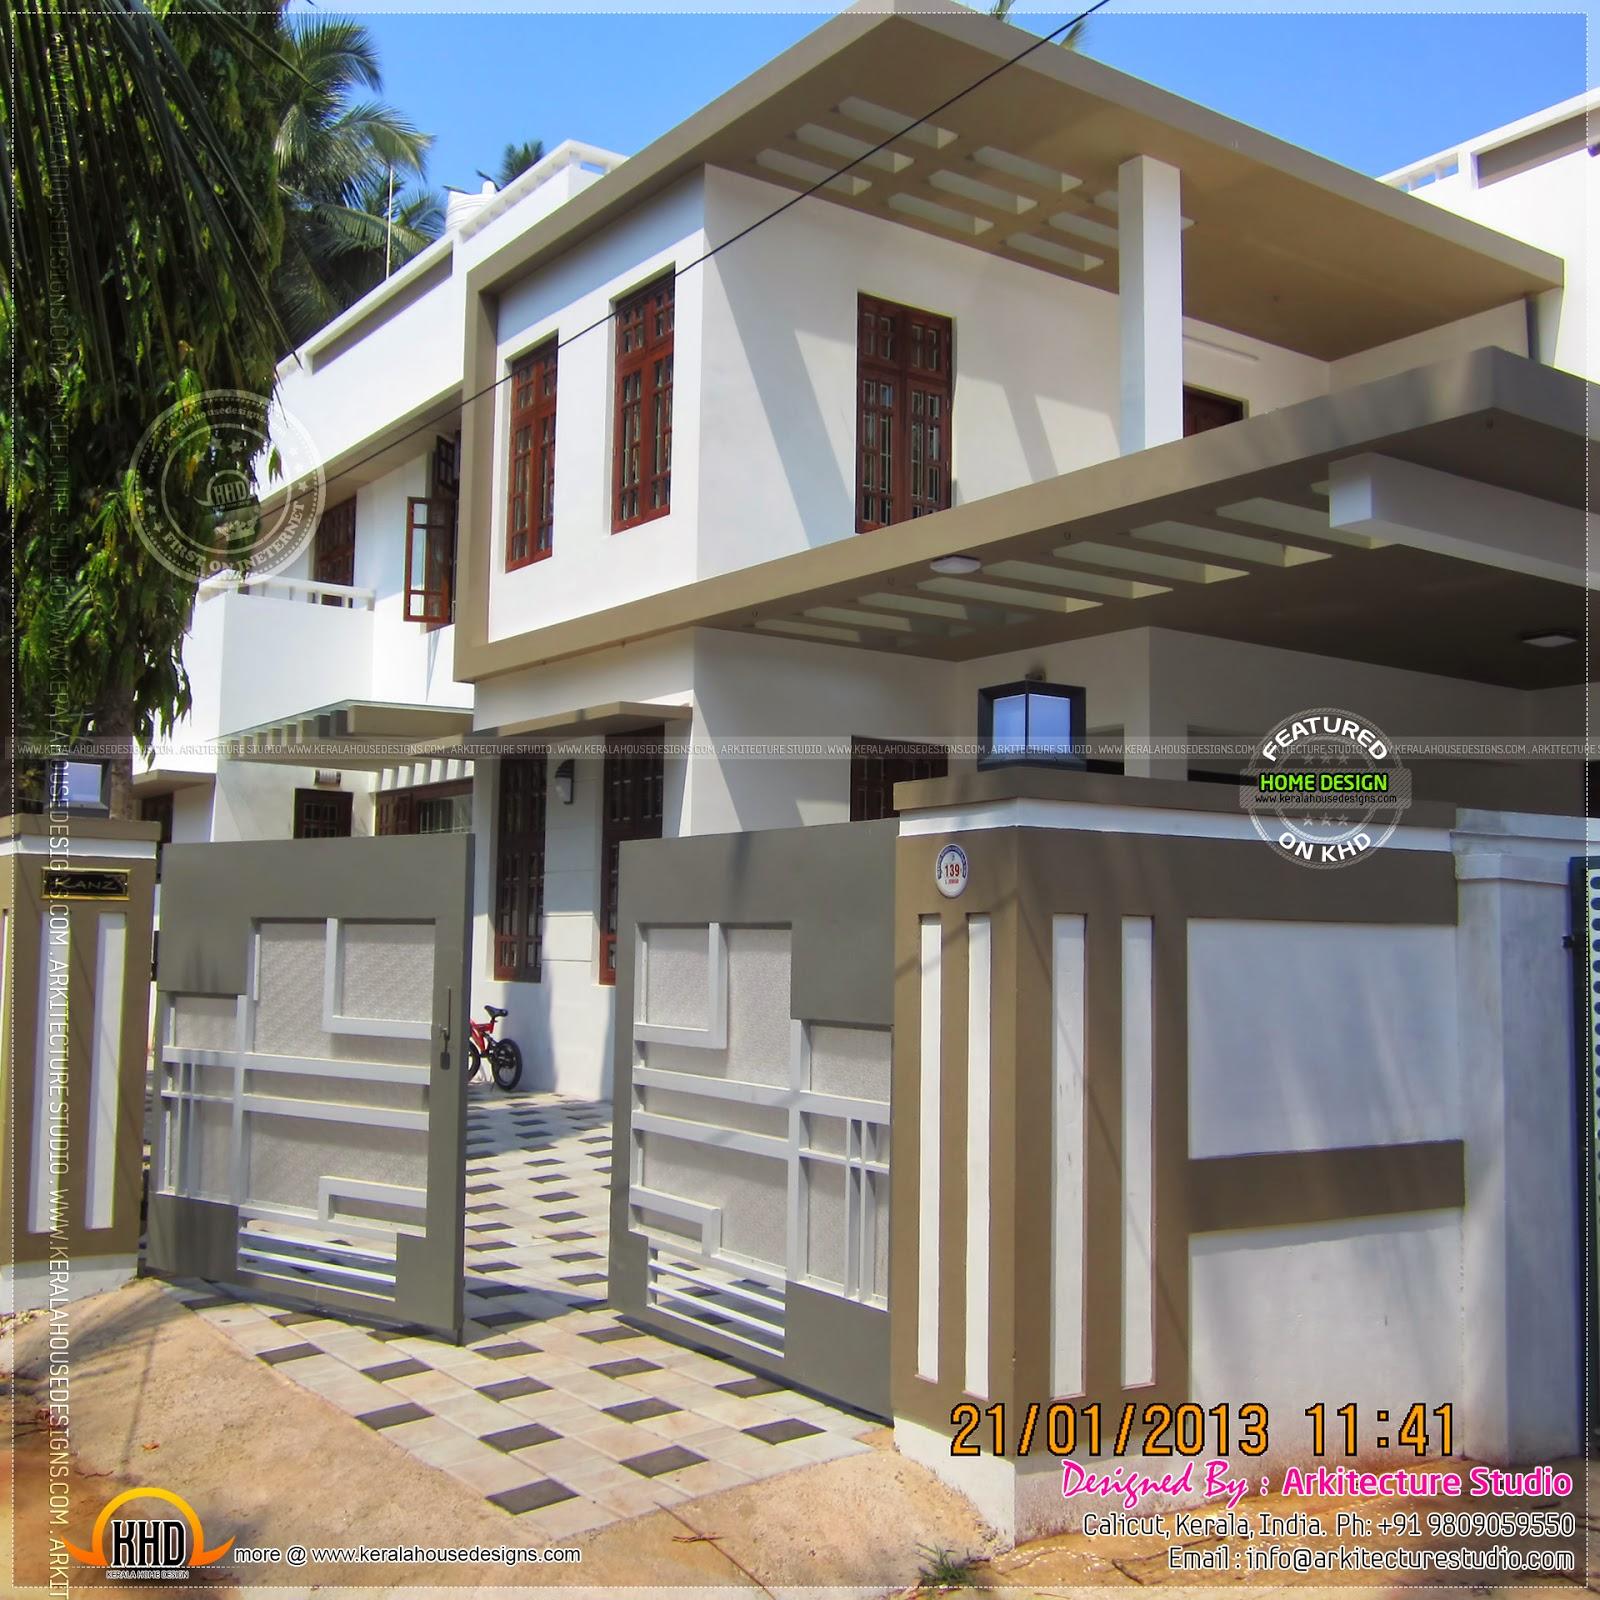 Kerala Home Design: Original House Photo